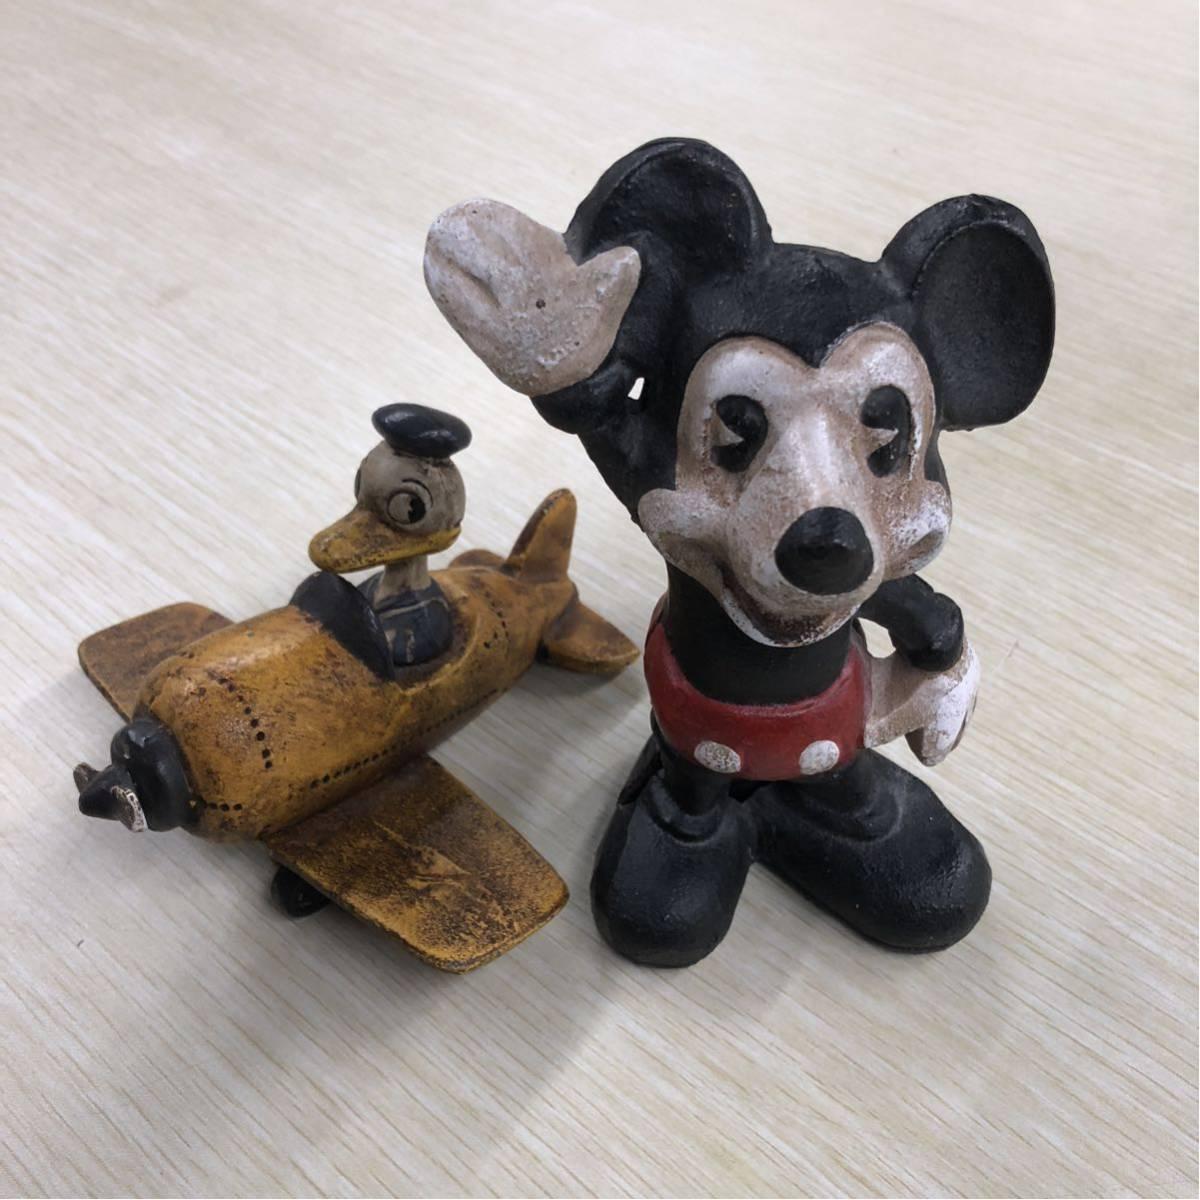 アンティーク/ミッキーマウス/鉄製/貯金箱/ドナルドダック/飛行機/2体セット ディズニーグッズの画像